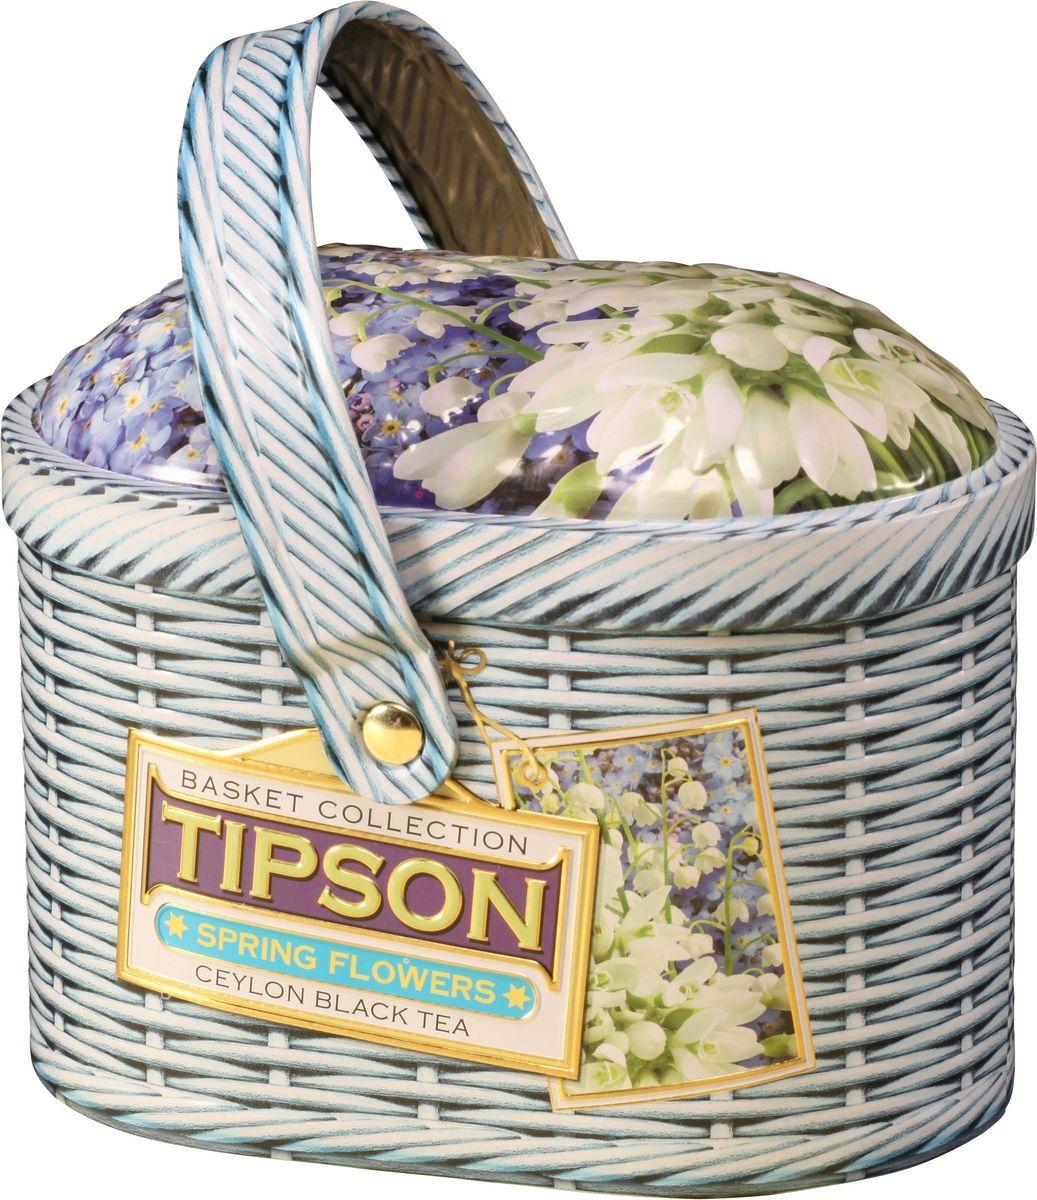 Tipson Basket-Spring черный листовой чай с лепестками василька, 80 г (жестяная банка)80132-00Чай чёрный цейлонский байховый листовой с лепестками василька и ароматом лаванды.